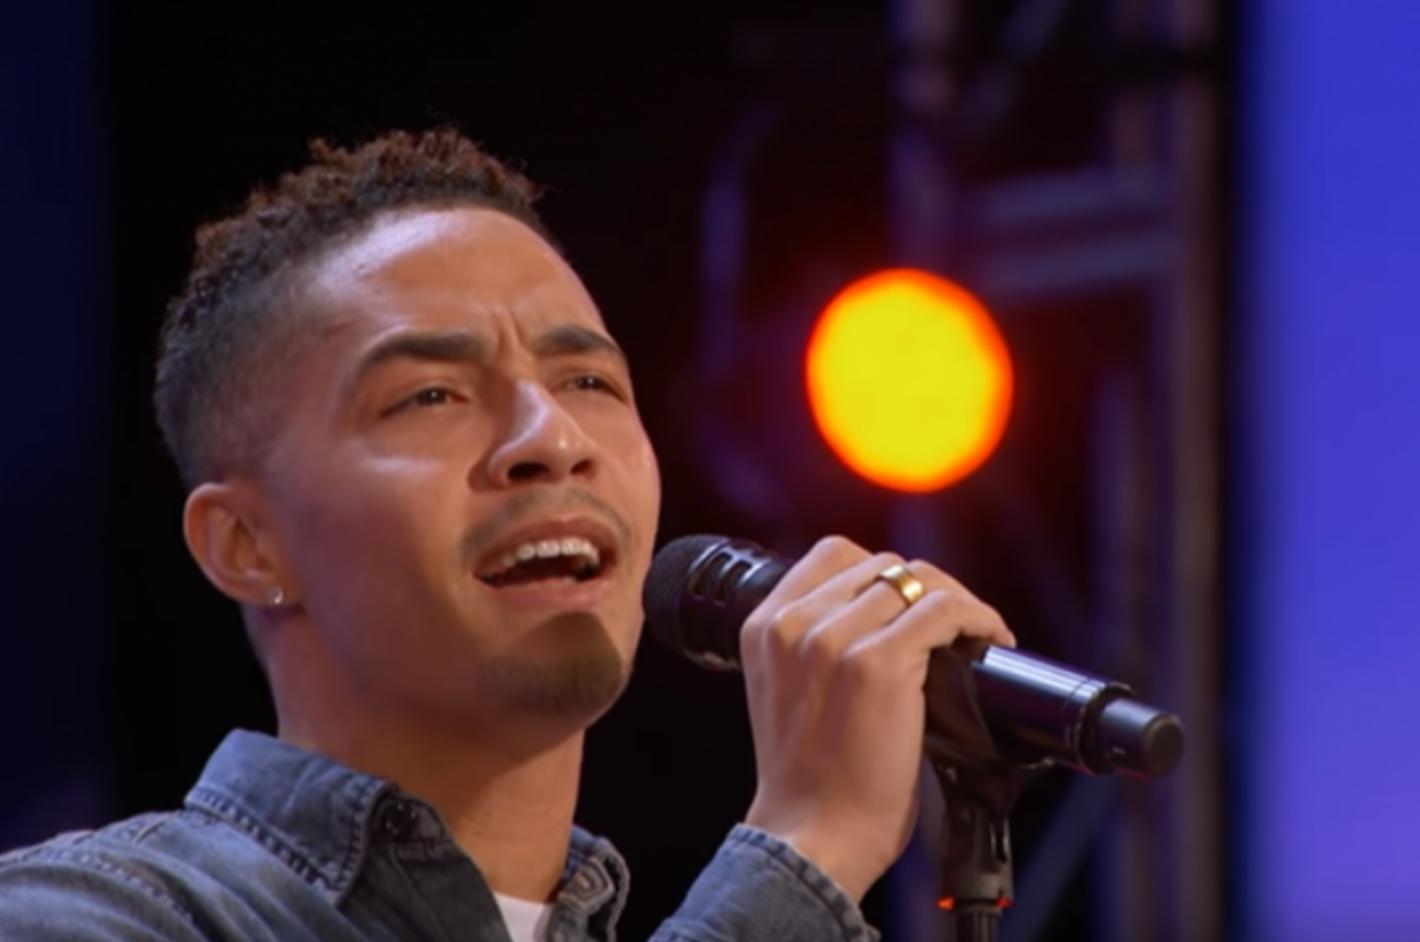 Aangrijpend: de auditie van de overleden America's Got Talent-deelnemer